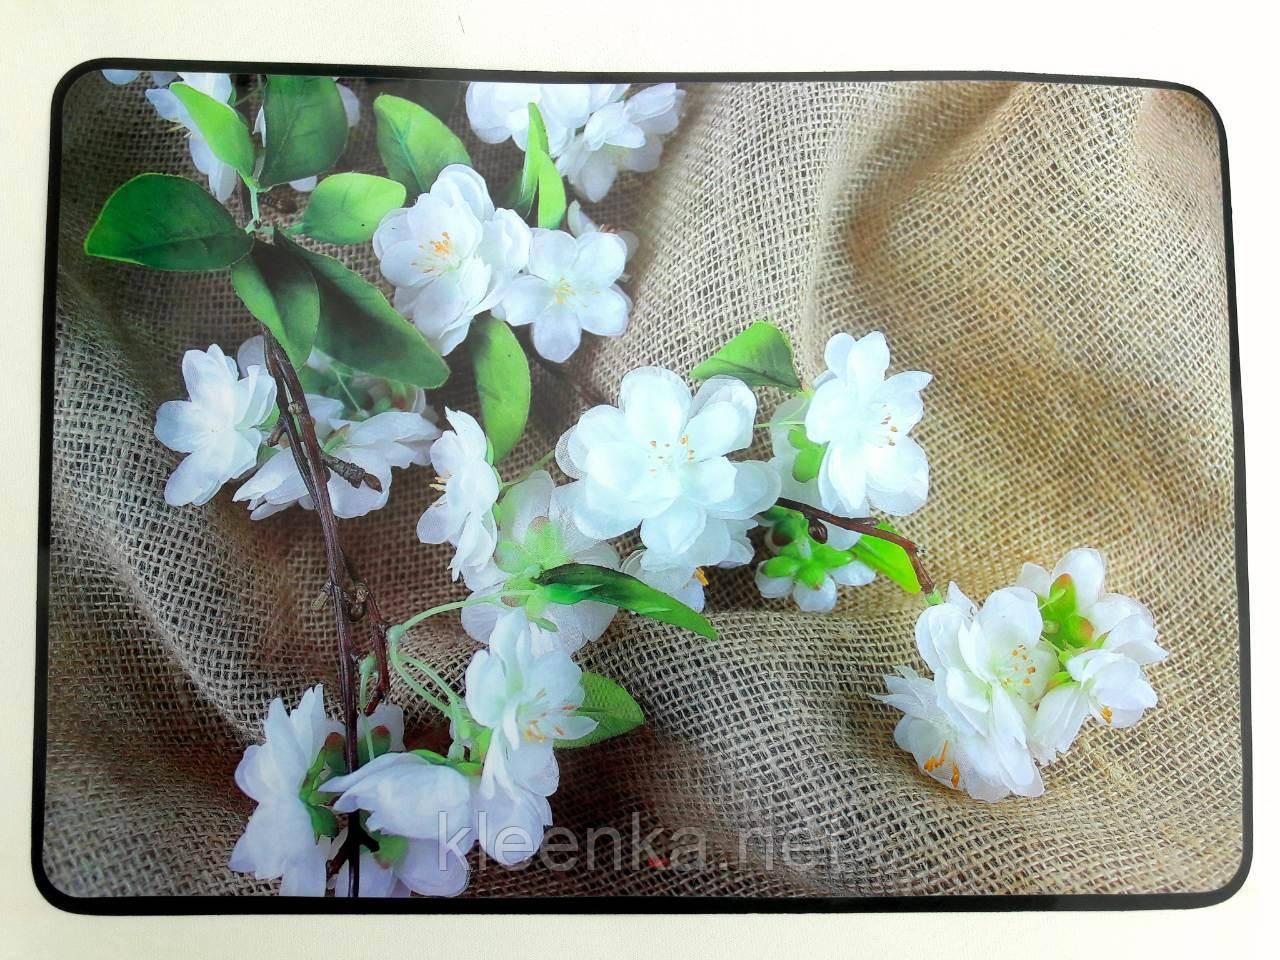 Пластиковая салфетка с цветочным принтом, прямоугольная  28*40 см